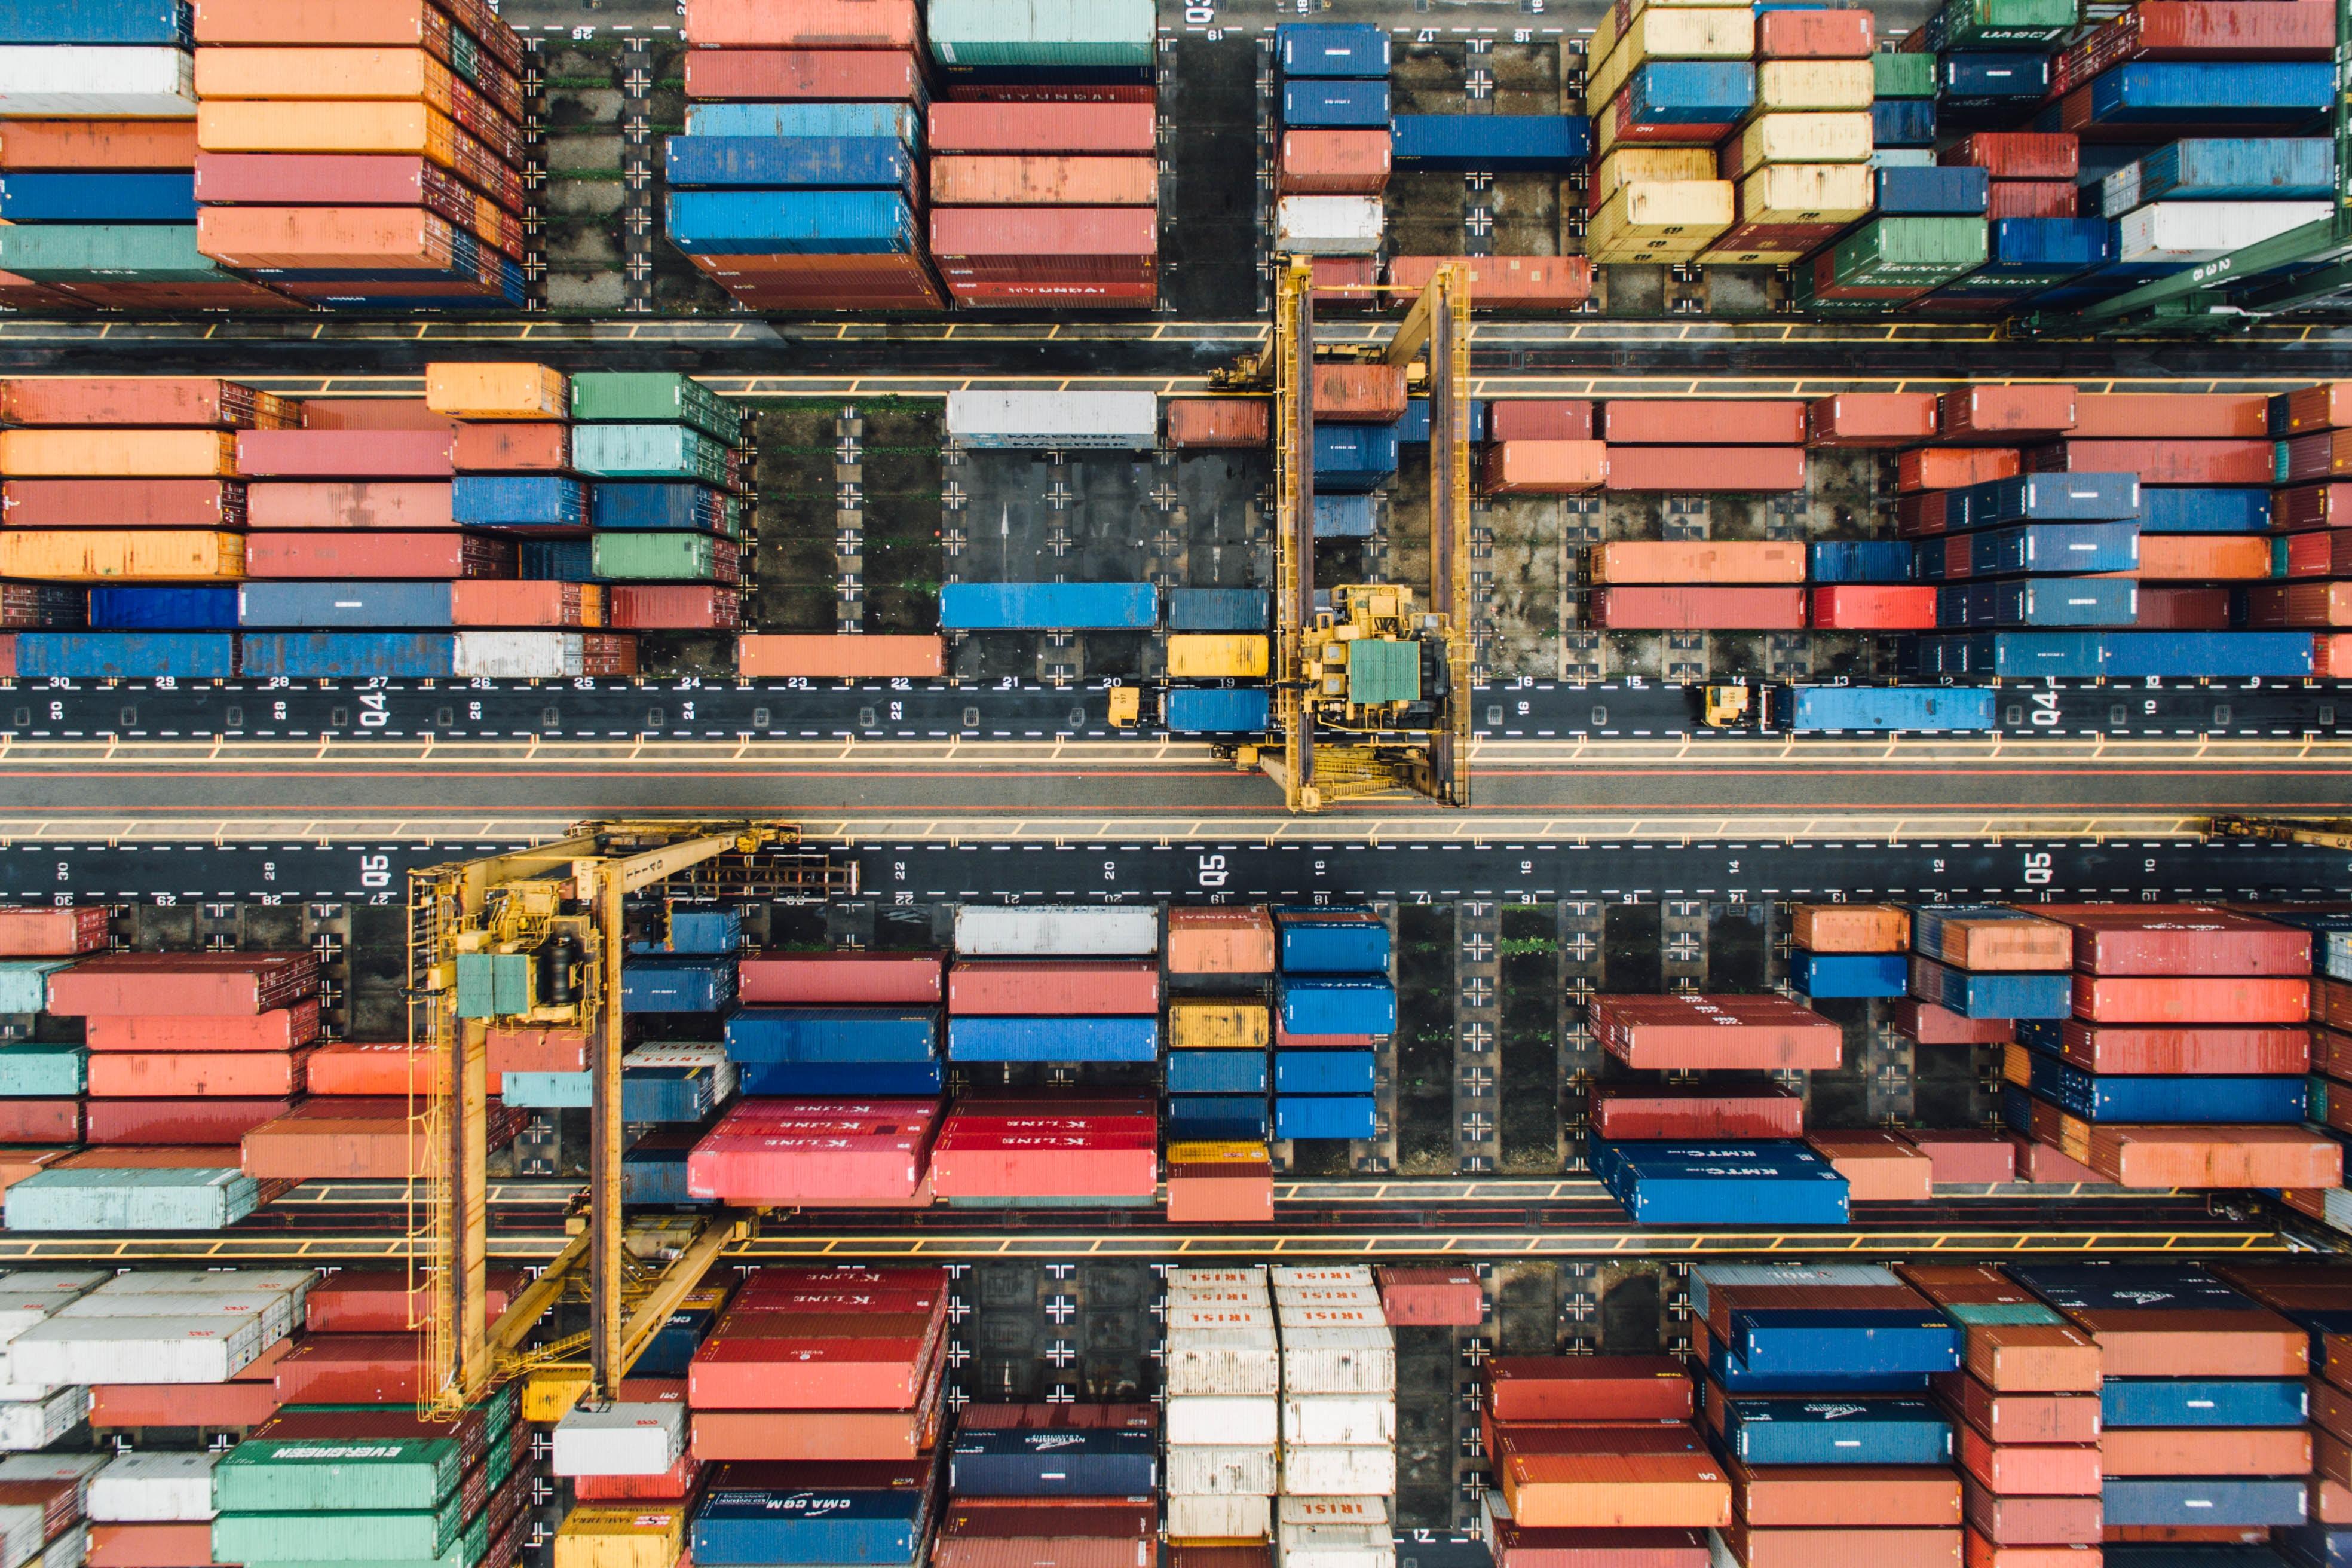 Der große Containerhafen